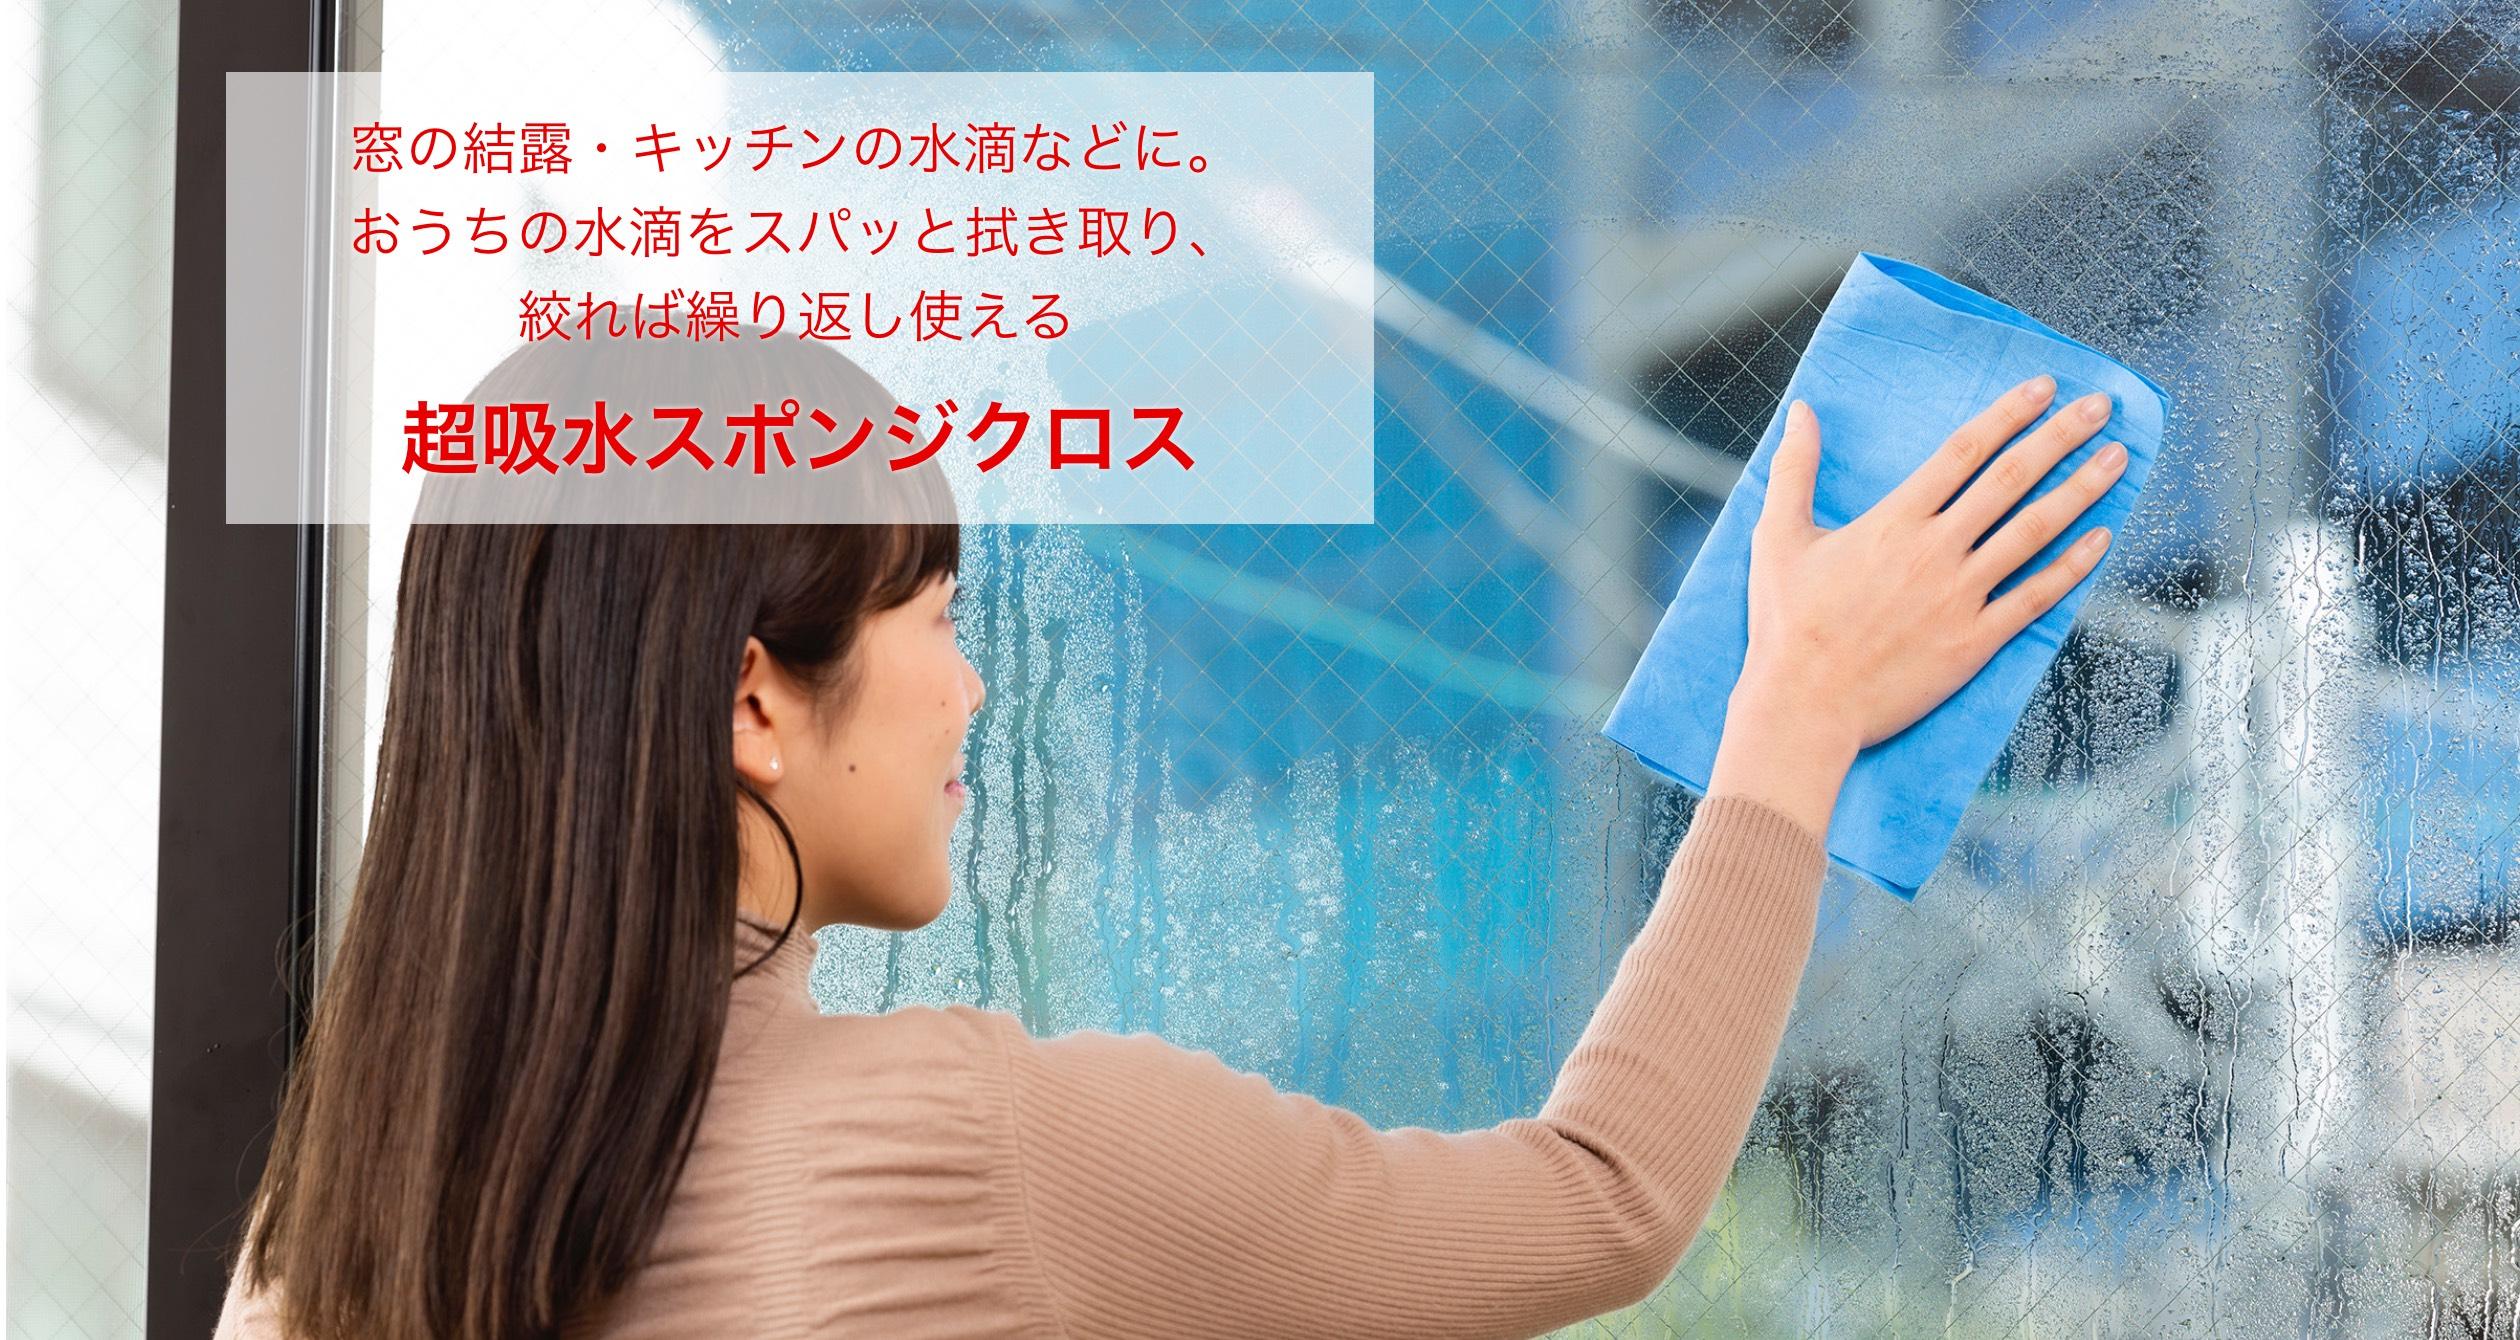 窓の結露・キッチンの水滴などに。おうちの水滴をスパッと拭き取り、絞れば繰り返し使える 超吸水スポンジクロス